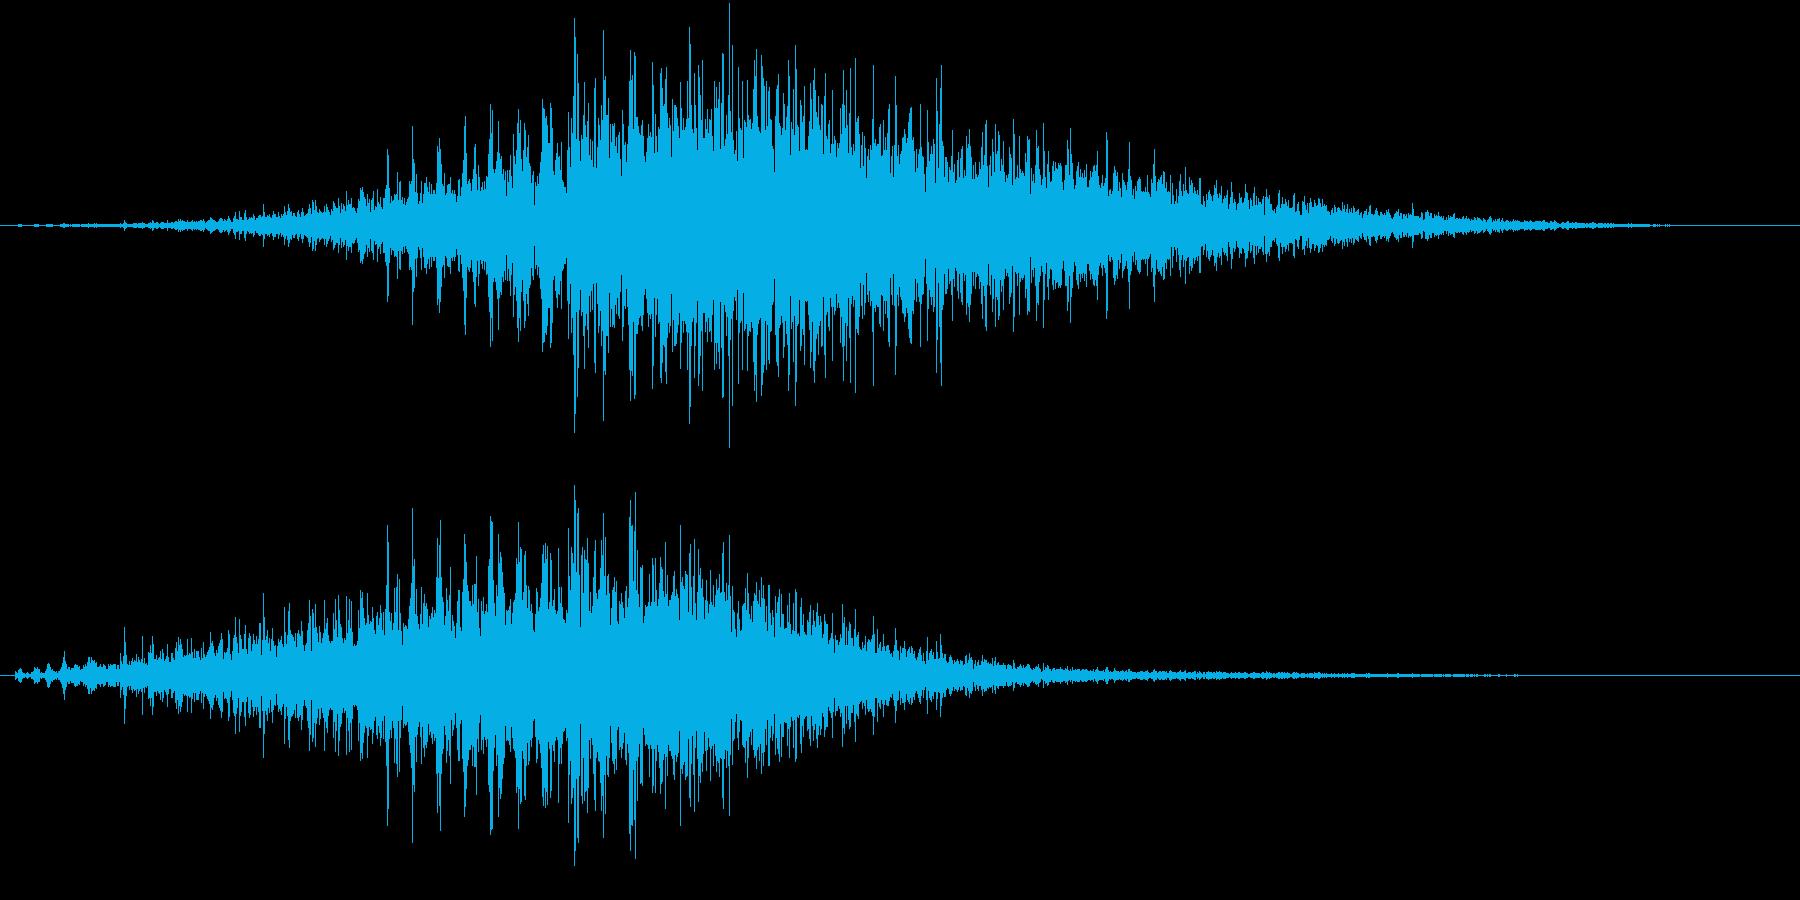 「シュルシュル」石を擦った鈴の音R-Lの再生済みの波形